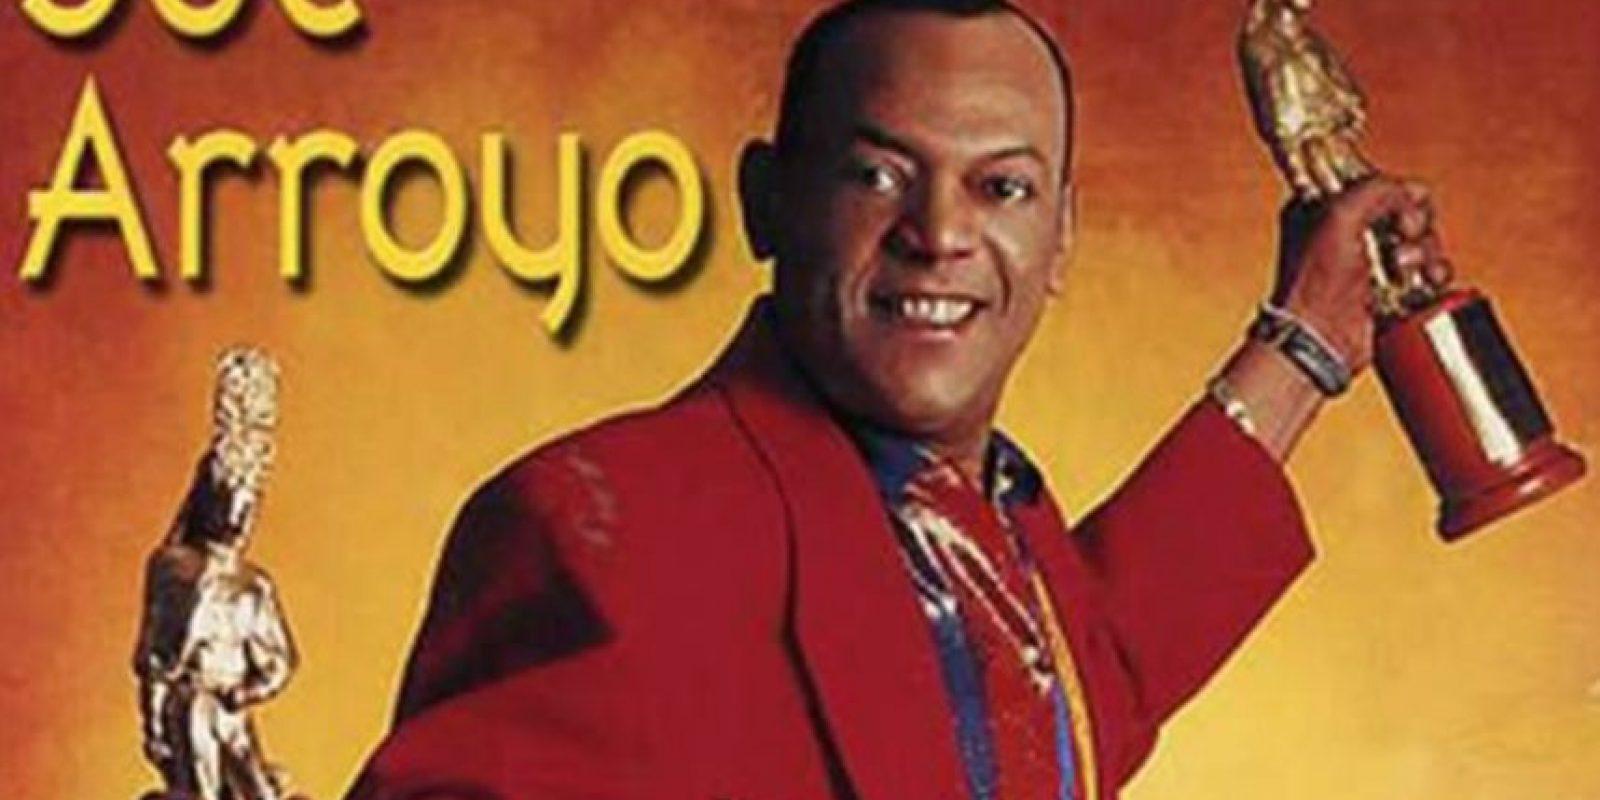 """El músico colombiano se hizo famoso en el género tropical por mezclar sus raíces africanas. Interpretó canciones como """"No le pegue a la negra"""". Foto:Coveralia"""